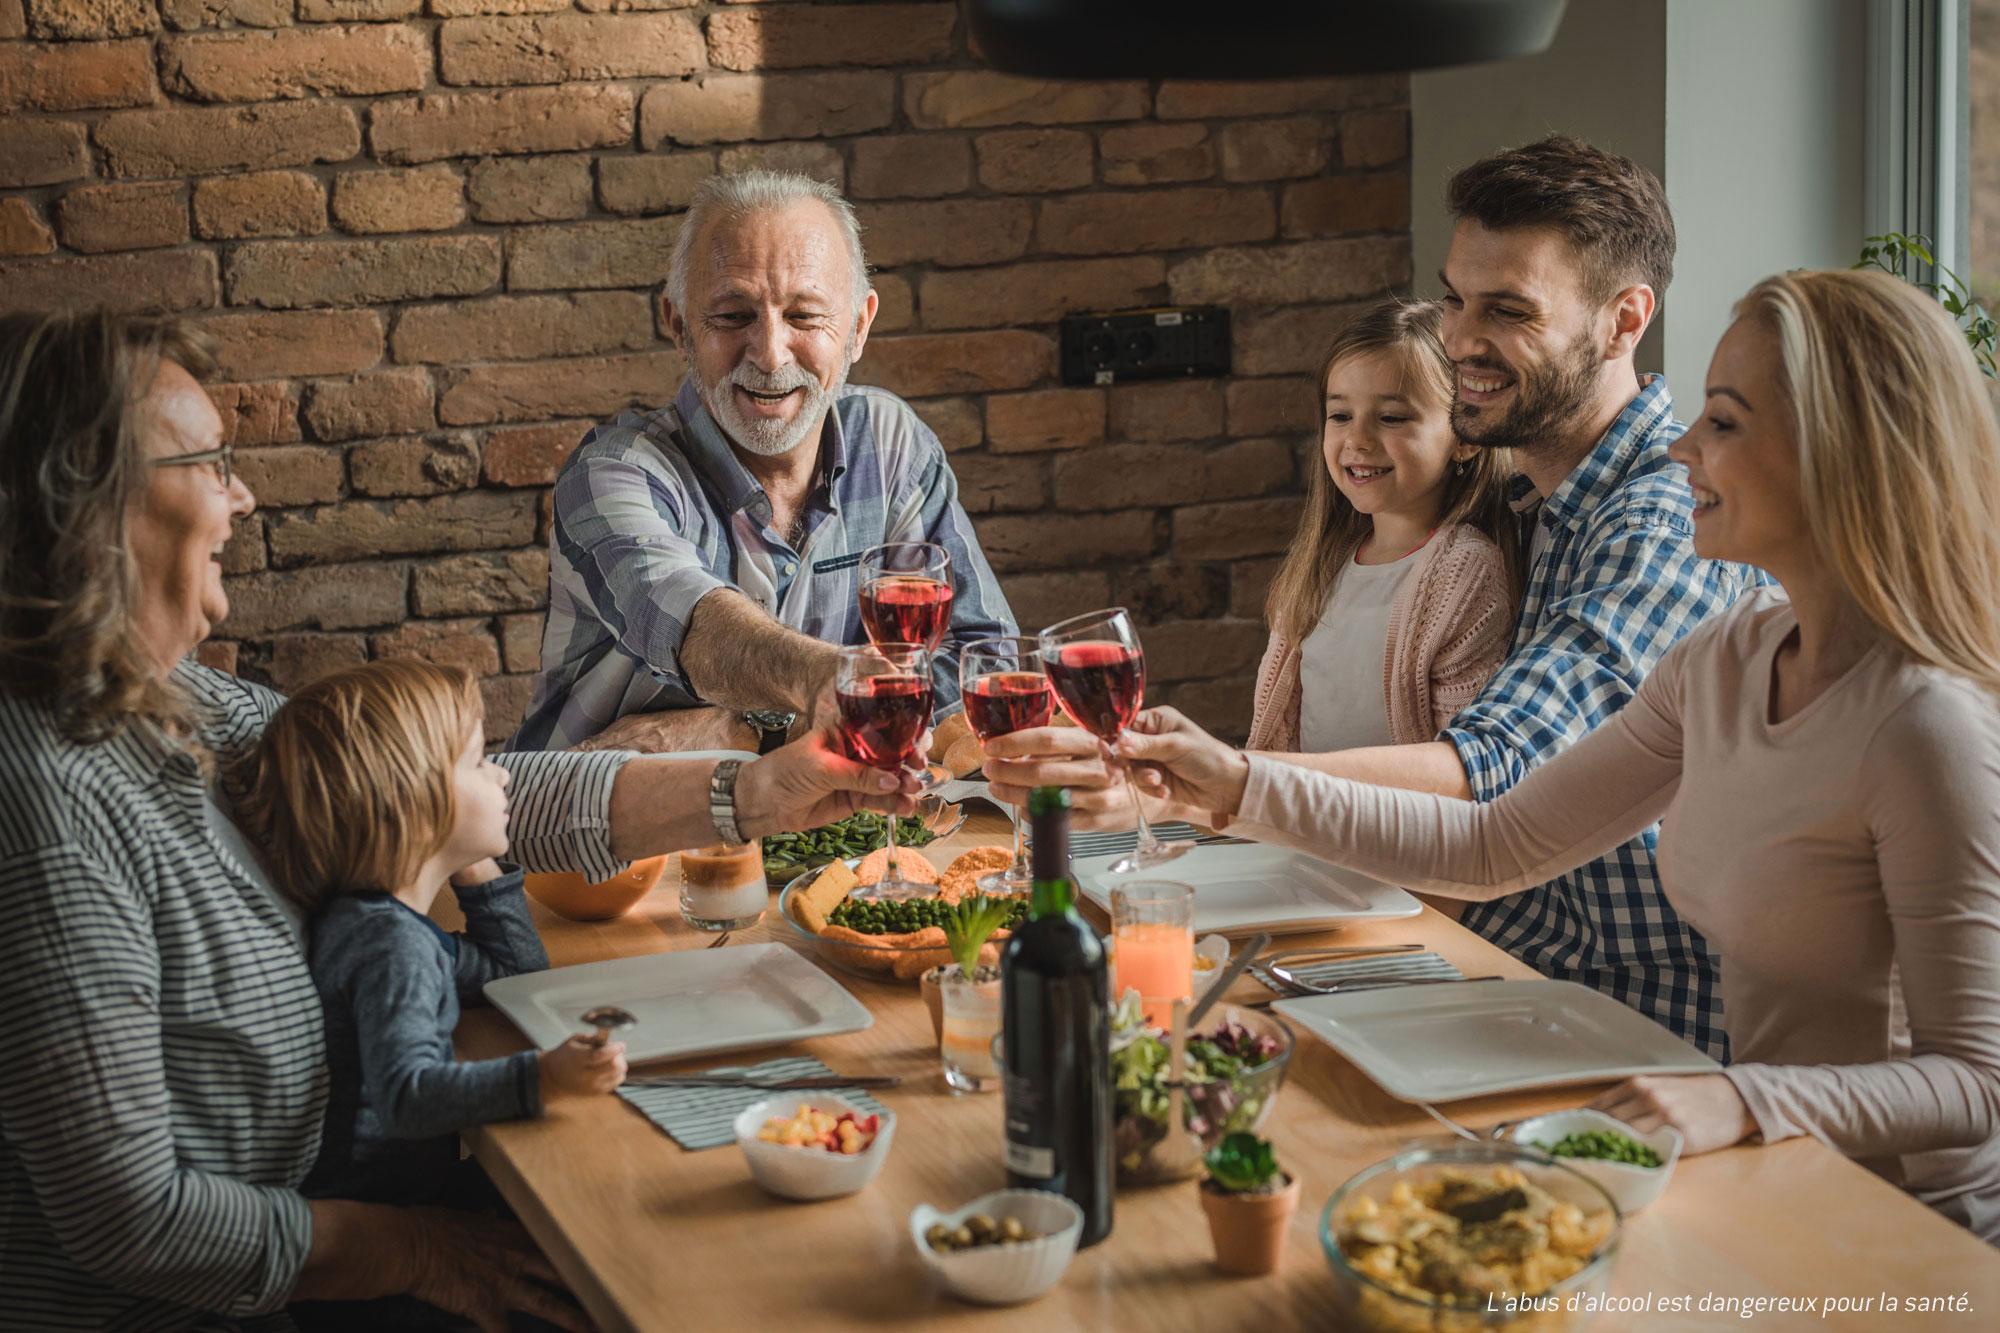 Famille en train de déjeuner et de trinquer tous ensemble à table.